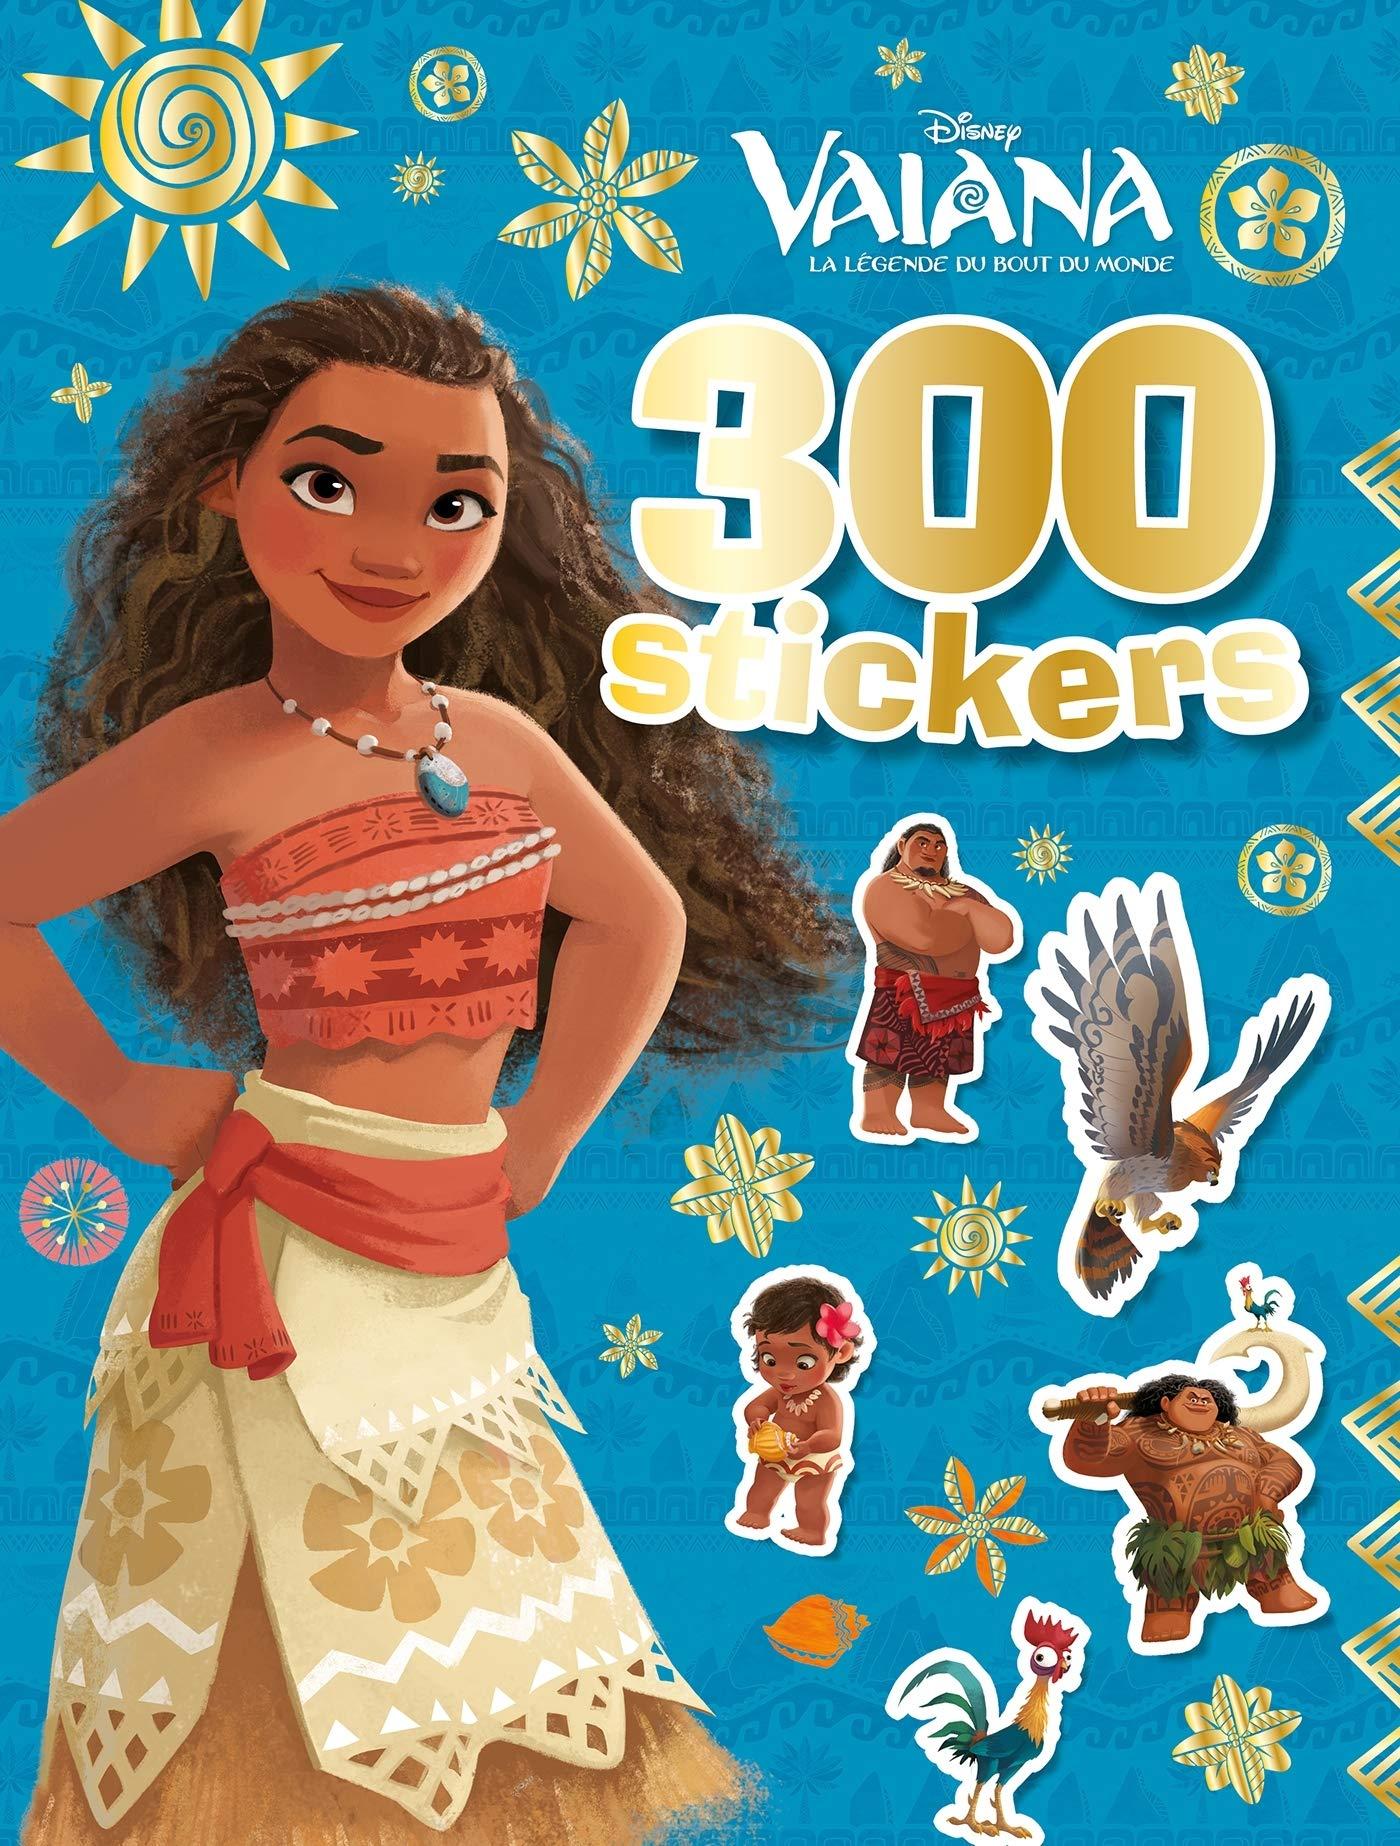 300 stickers Vaiana: Amazon.es: Disney: Libros en idiomas extranjeros